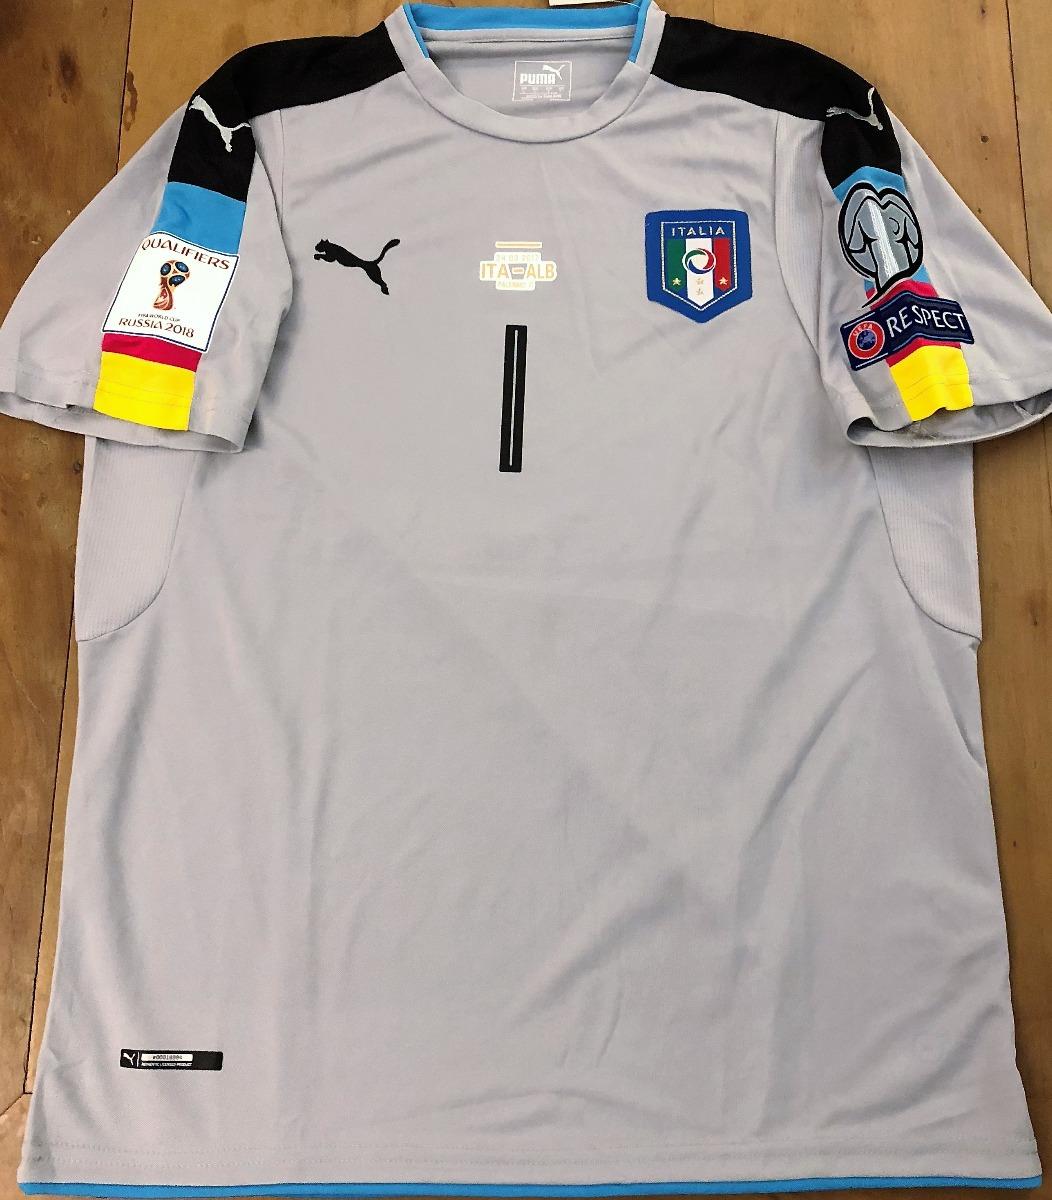 6be100a0505d4 camisa itália eliminatórias copa 2018 autografada buffon. Carregando zoom.